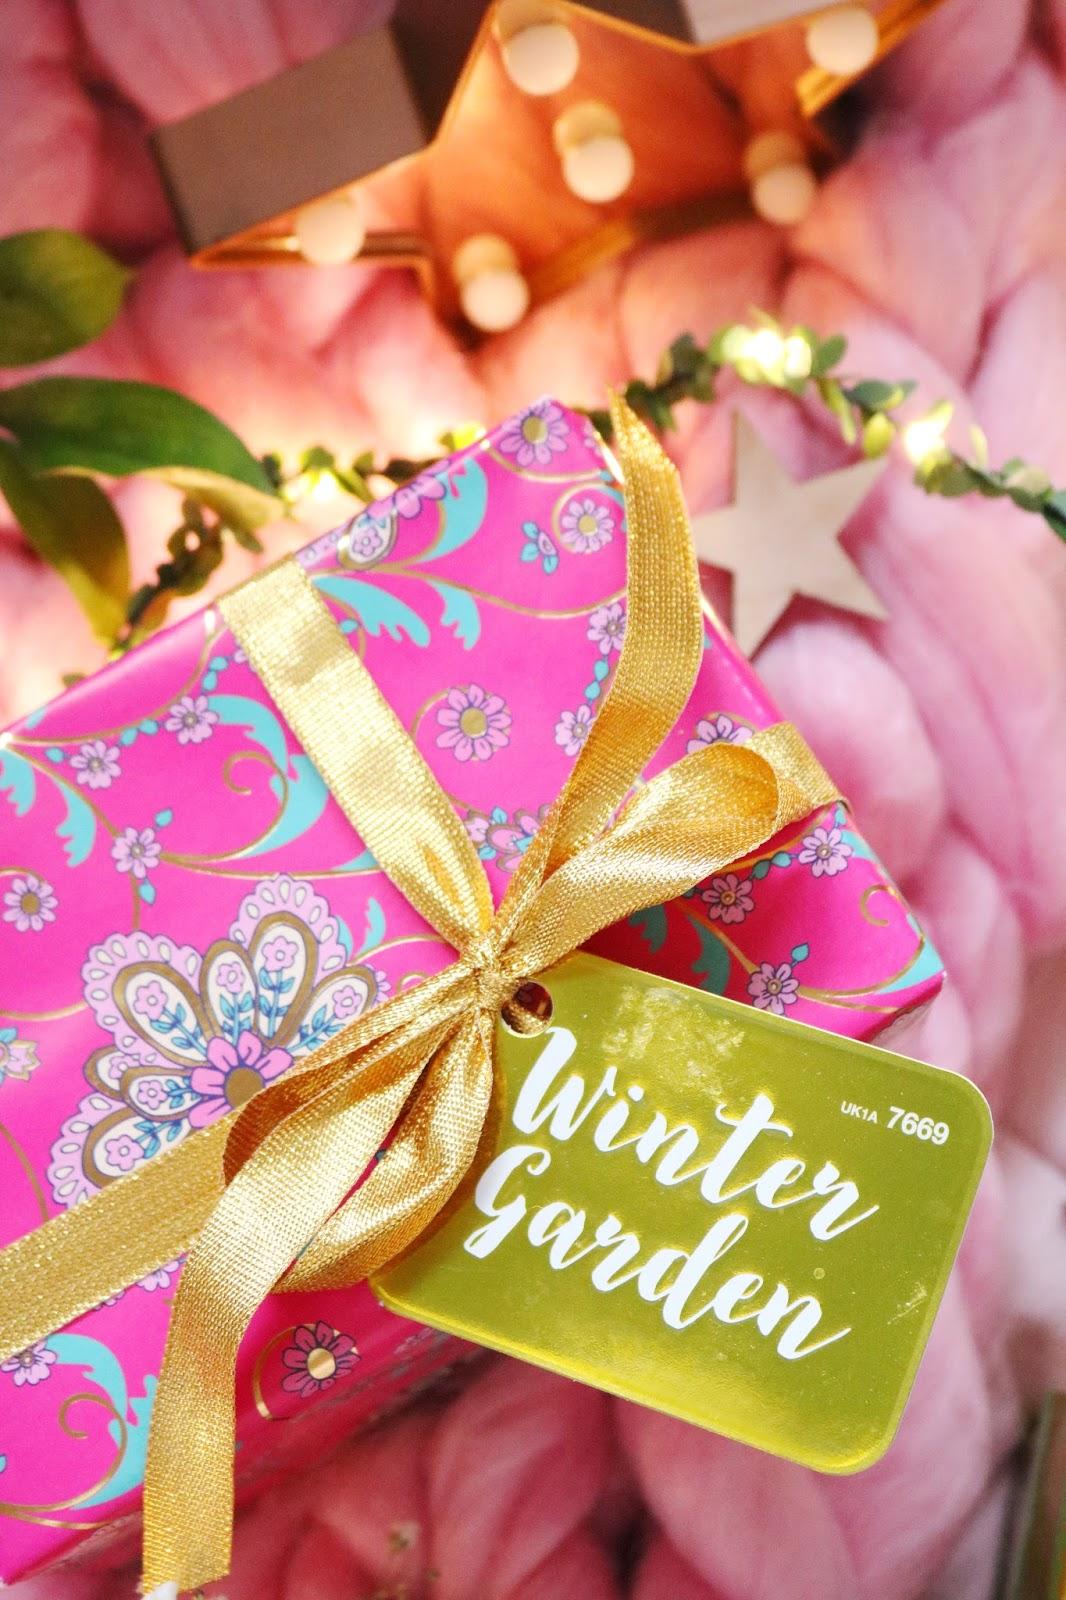 Lush Christmas Gifts 2017